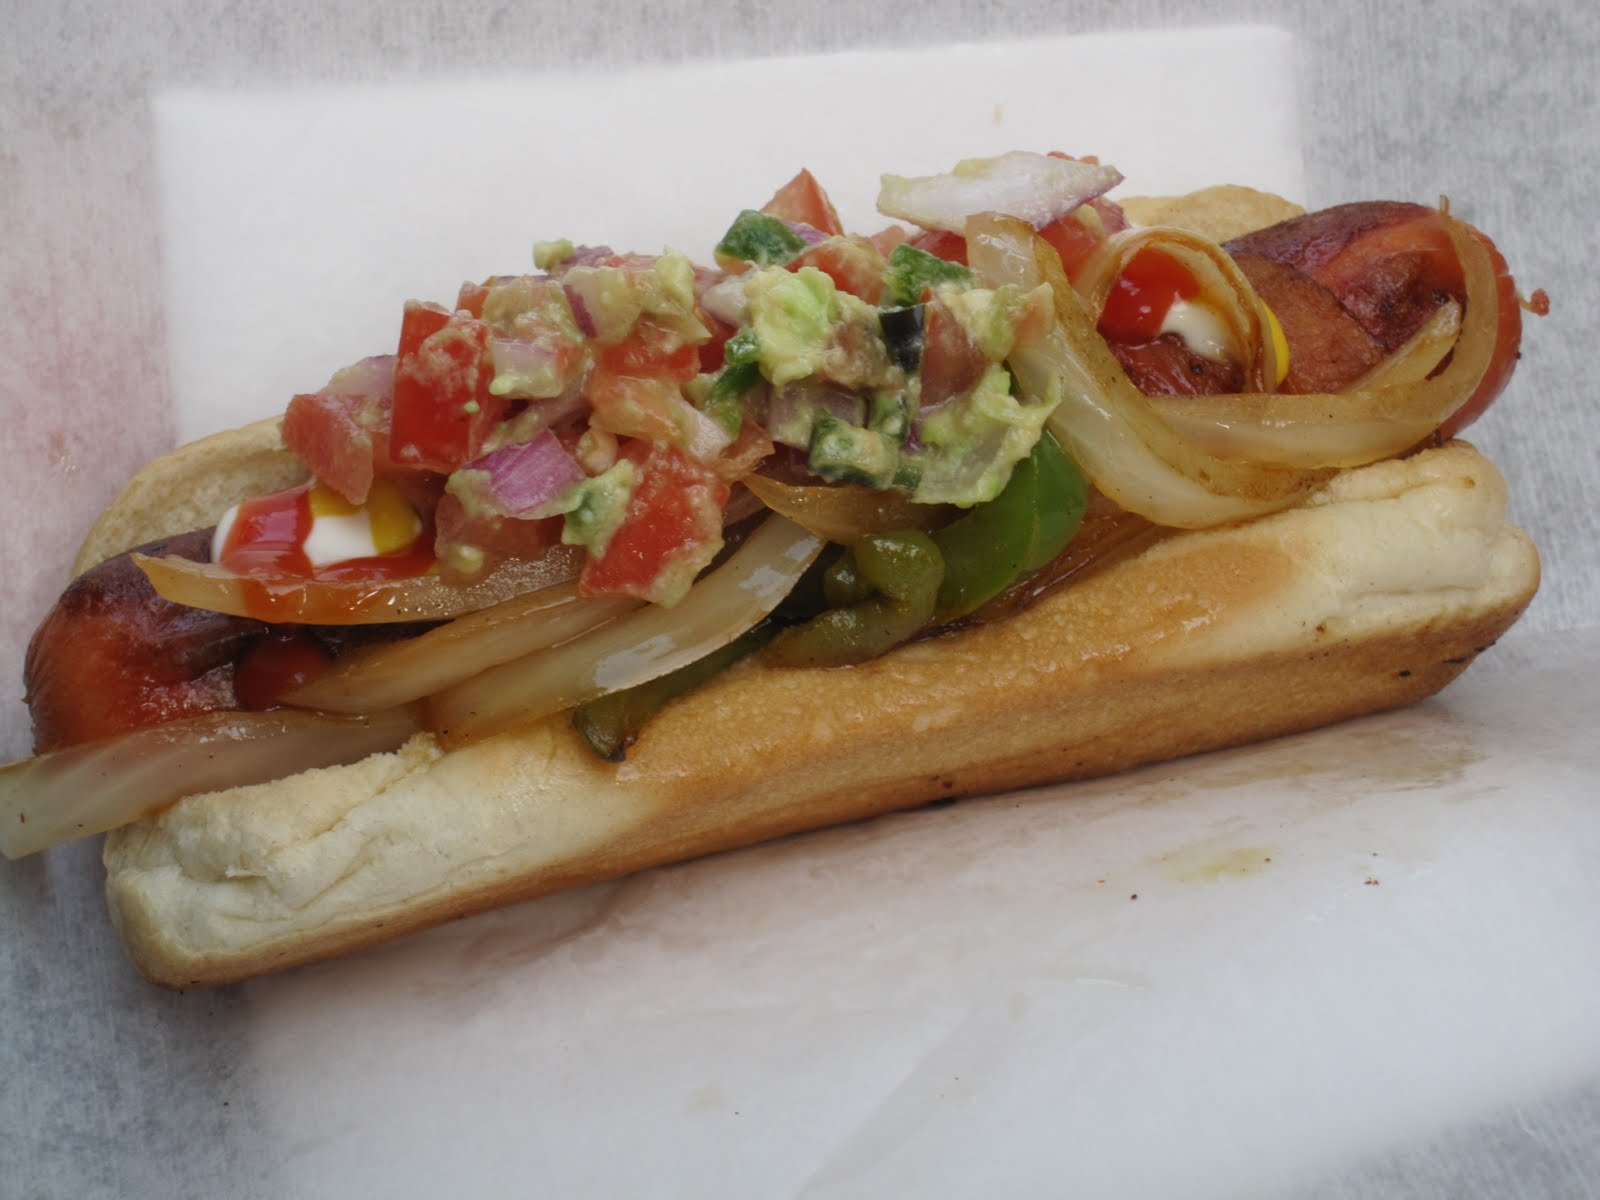 Loaded hotdog